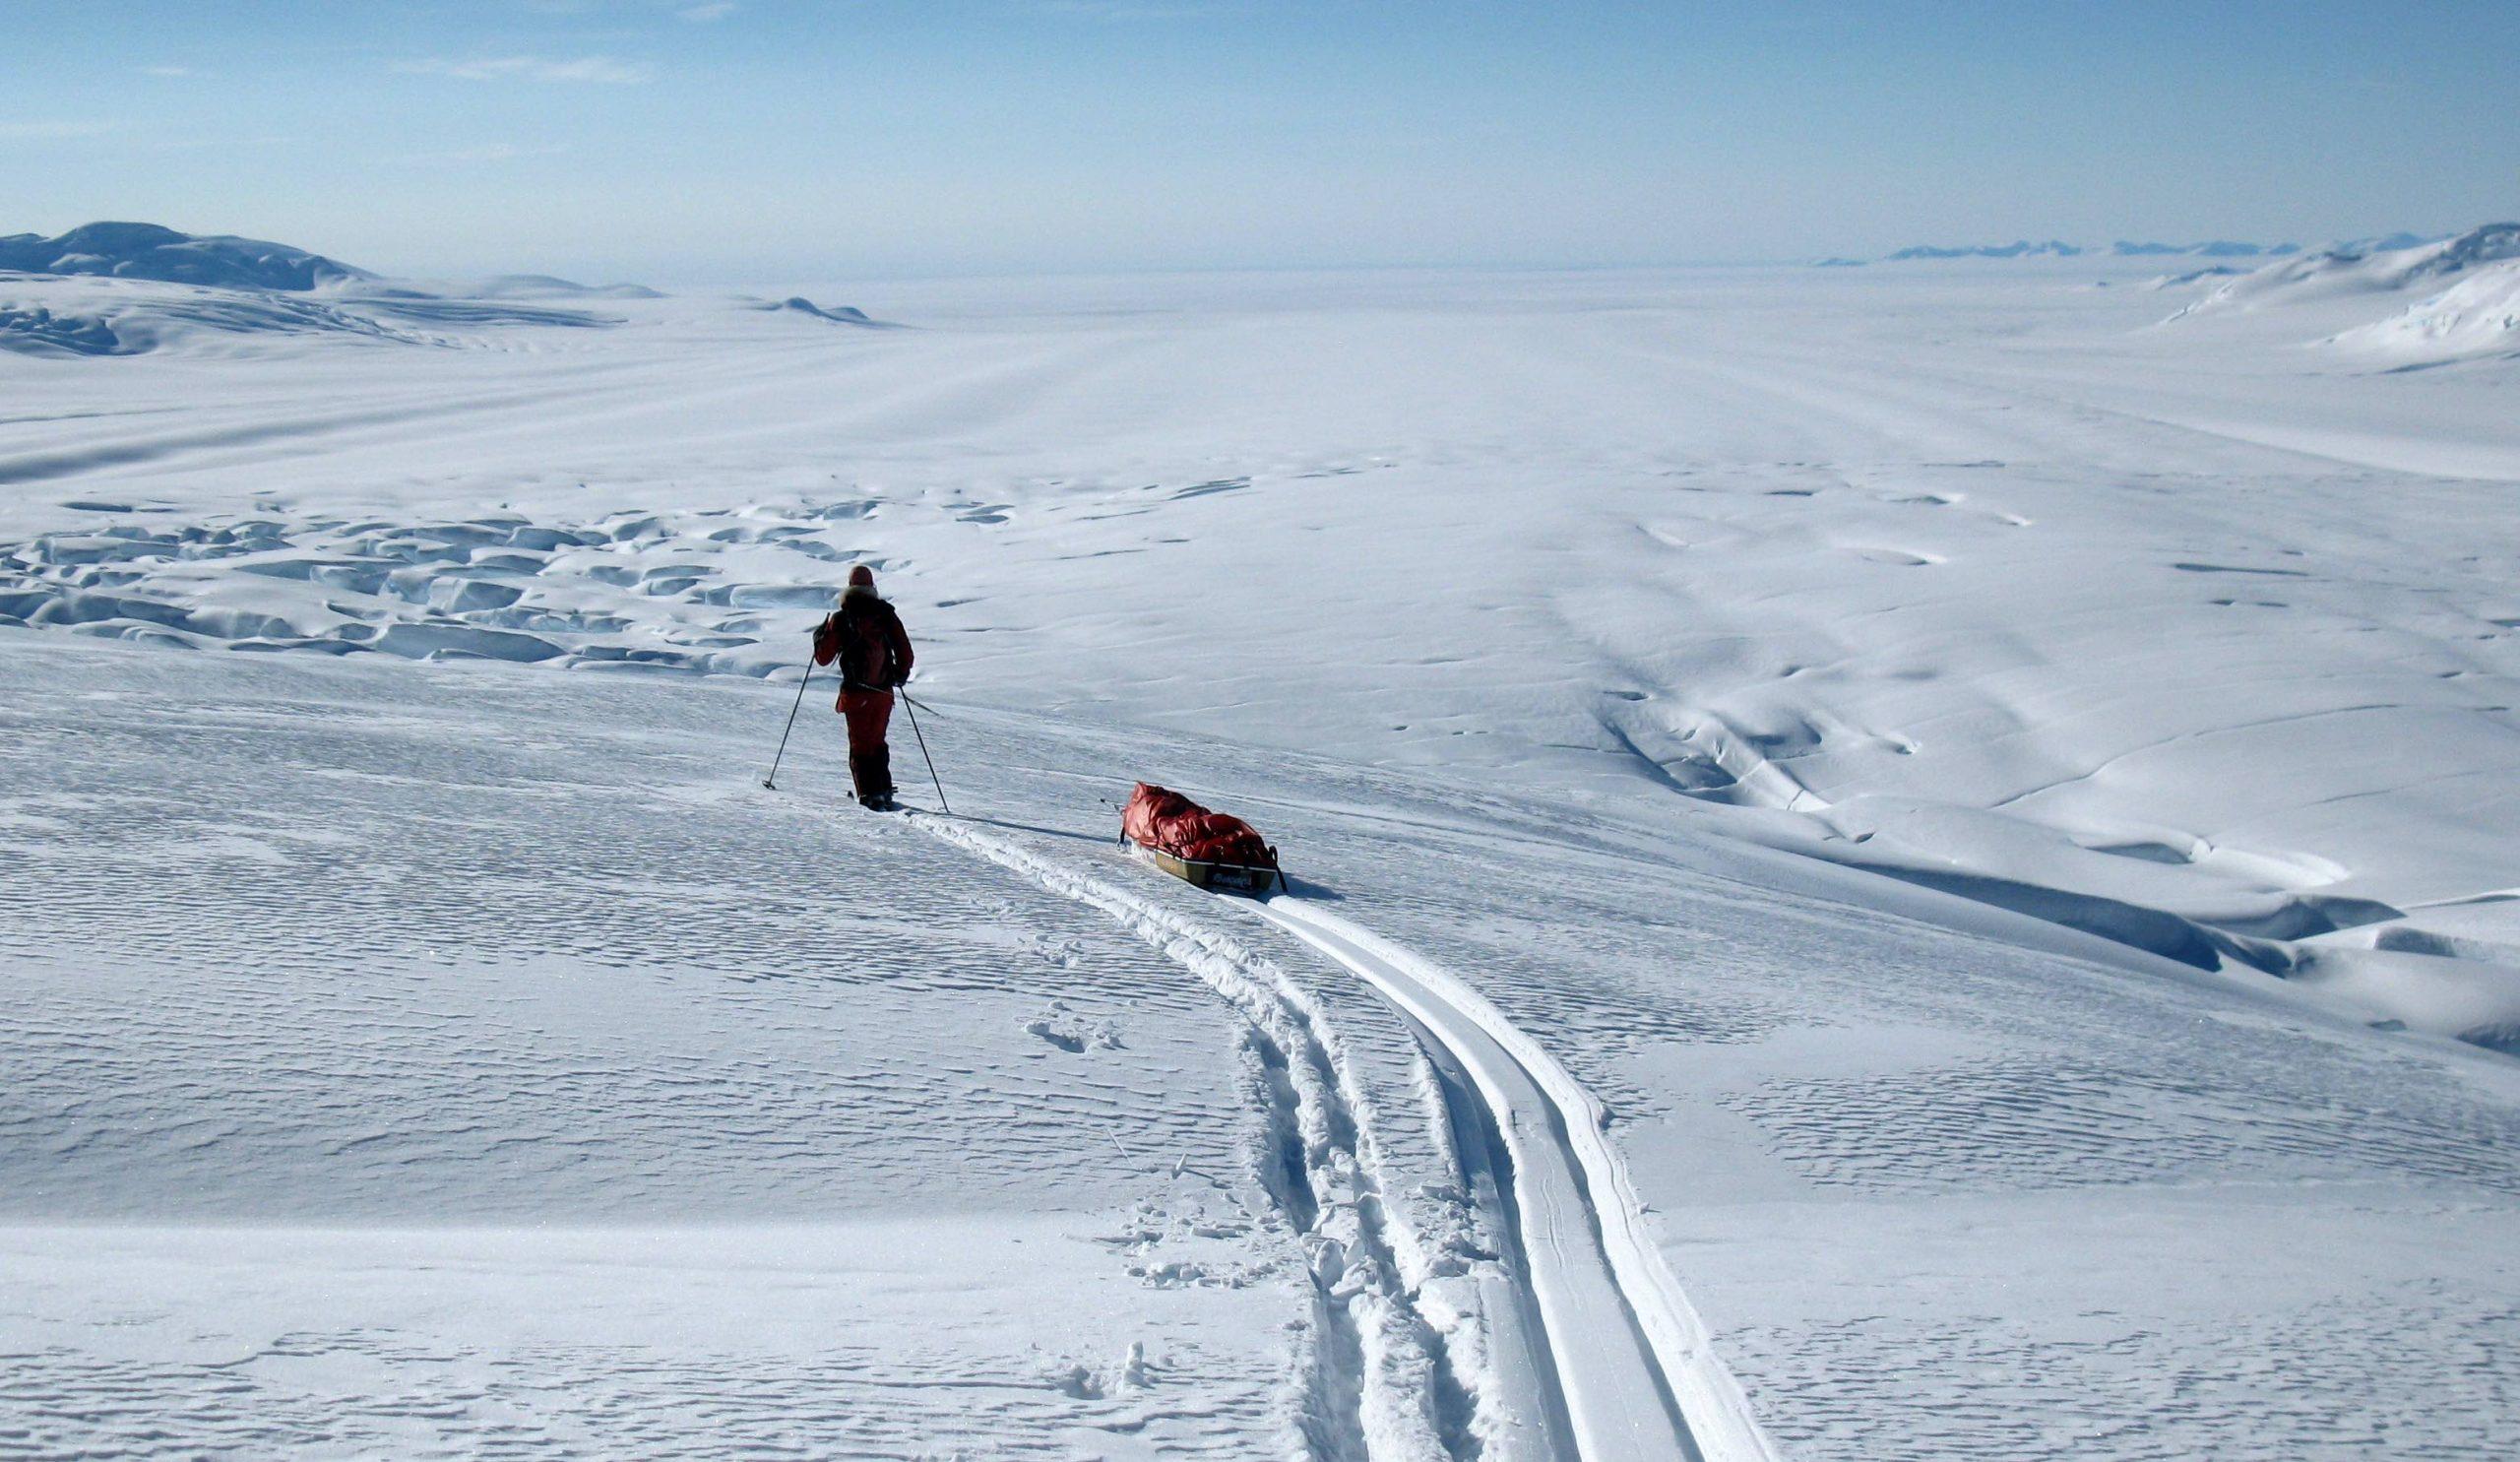 Cecile Skog (NOR) sucht eine sichere Abstiegsroute vom Südpolarplateau über den spaltenreichen Axel Heiberg Gletscher hinunter zur inneren Küstenlinie, wo das Ross-Schelfeis (in Bildmitte hinten) beginnt. Foto: Ryan Waters 2010